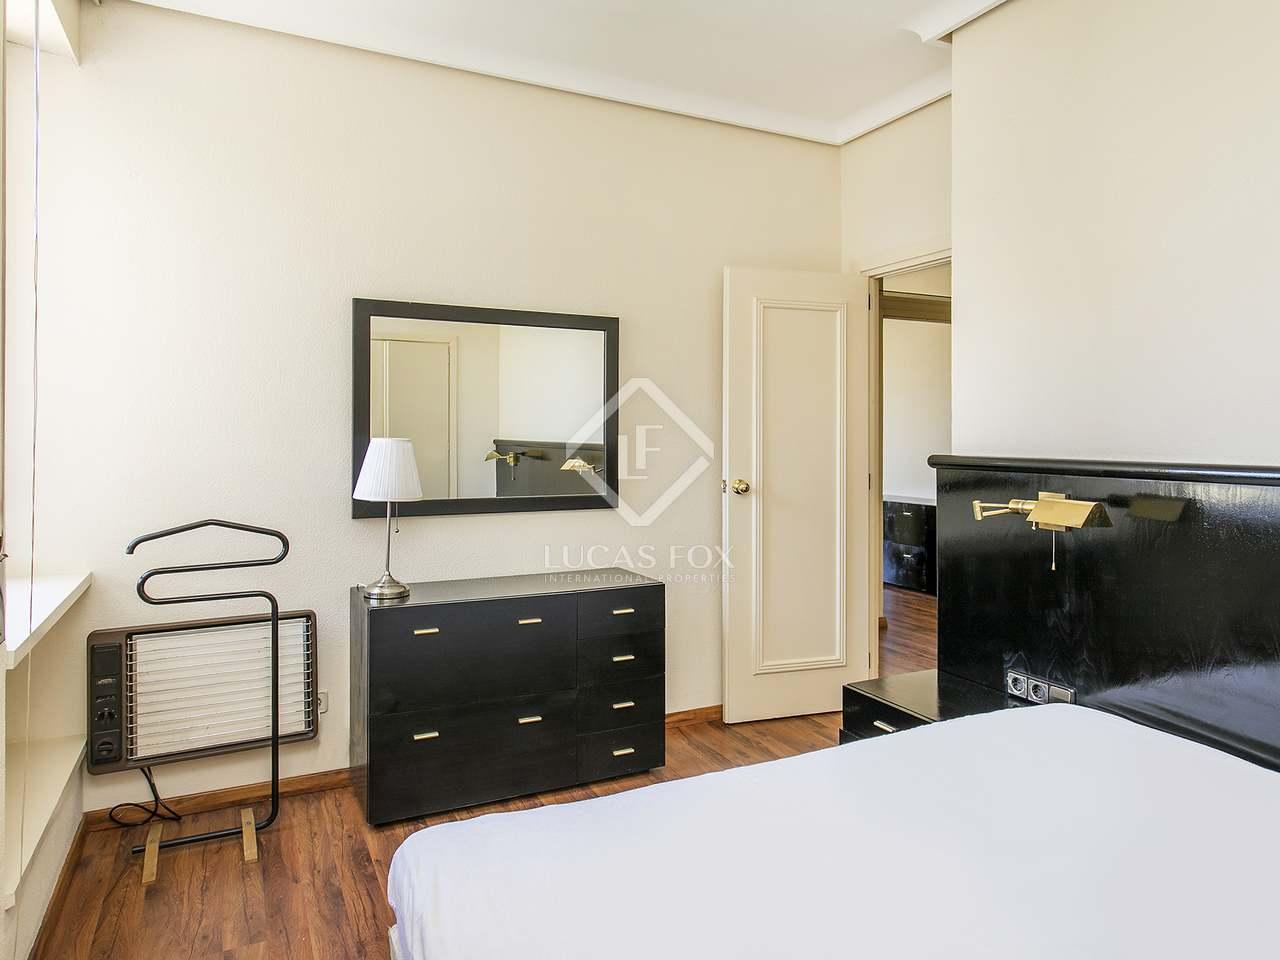 Apartamento de 75m en alquiler en el eixample izquierdo for Alquiler de dormitorios